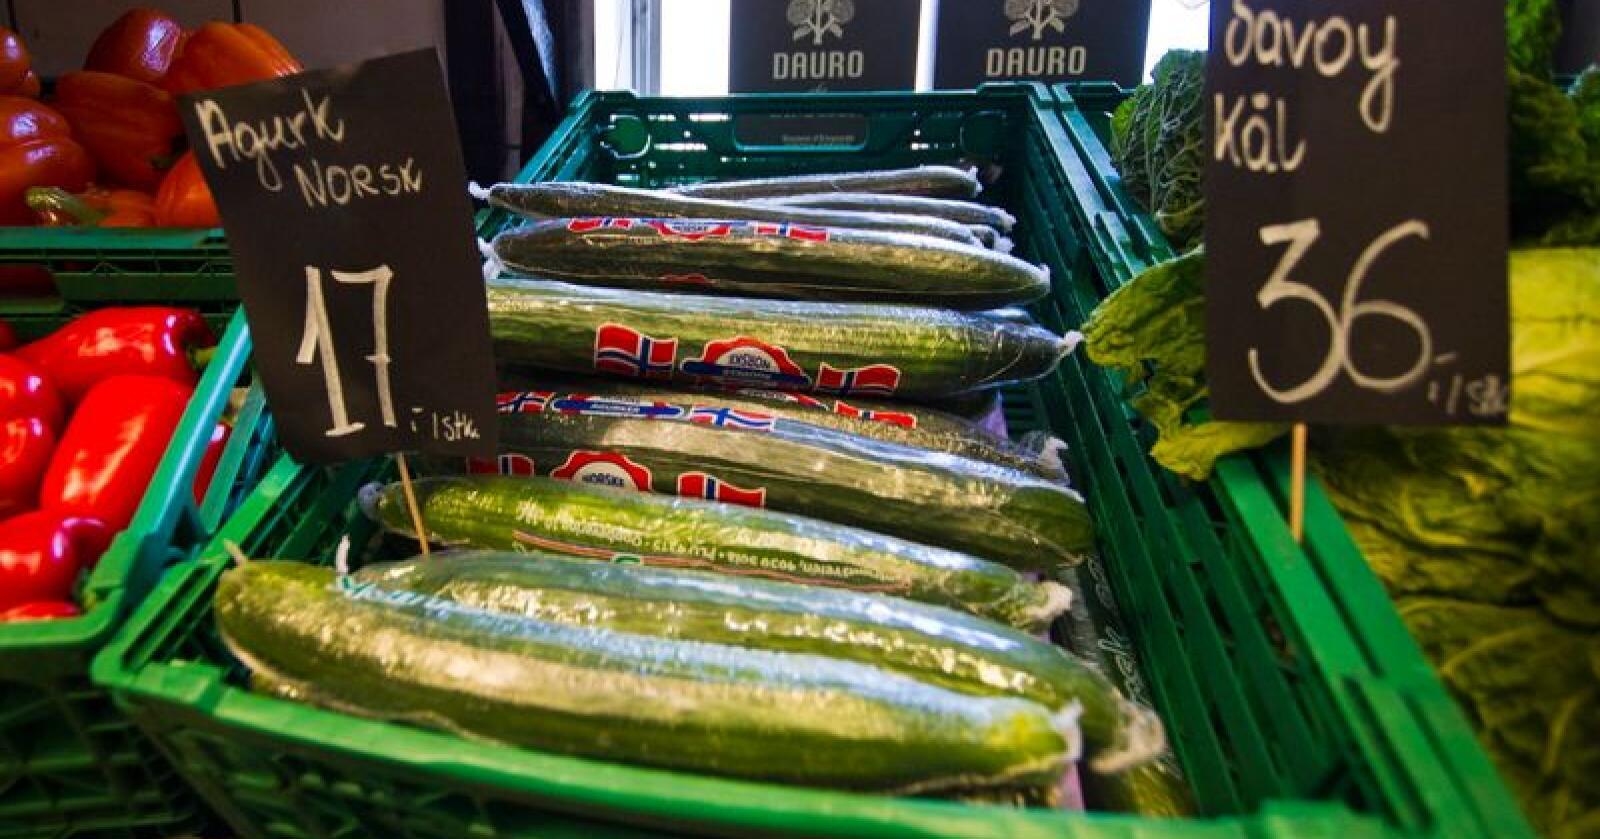 Det er store mengder agurk på markedet. Det er litt for mye til å få solgt unna, men det er på vei til å stabilisere seg. Illustrasjonsfoto: Vegard Grøtt / NTB scanpix